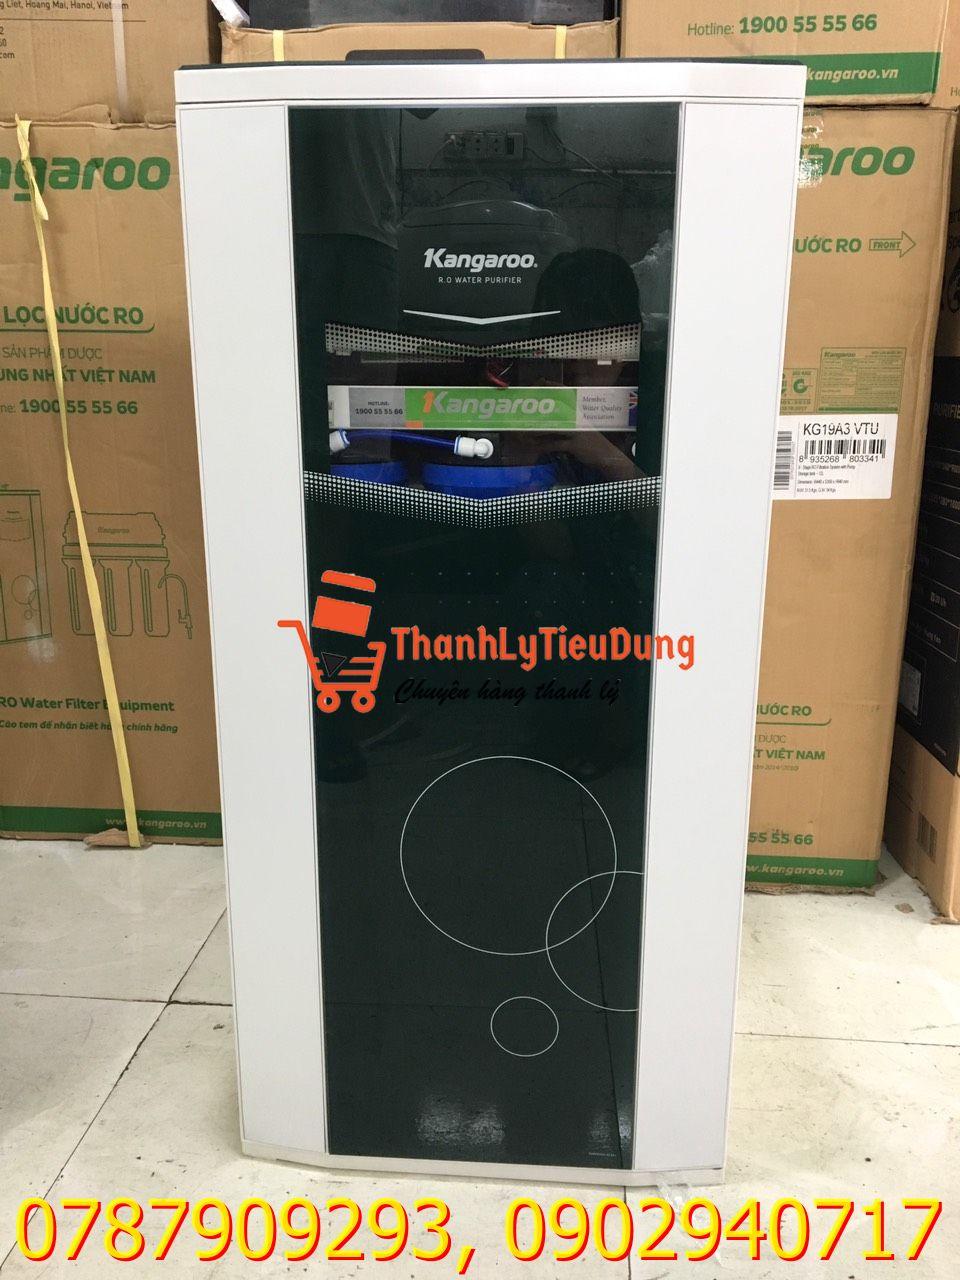 Máy lọc nước RO nóng lạnh Kangaroo KG19A3 VTU - HÀNG TRƯNG BÀY